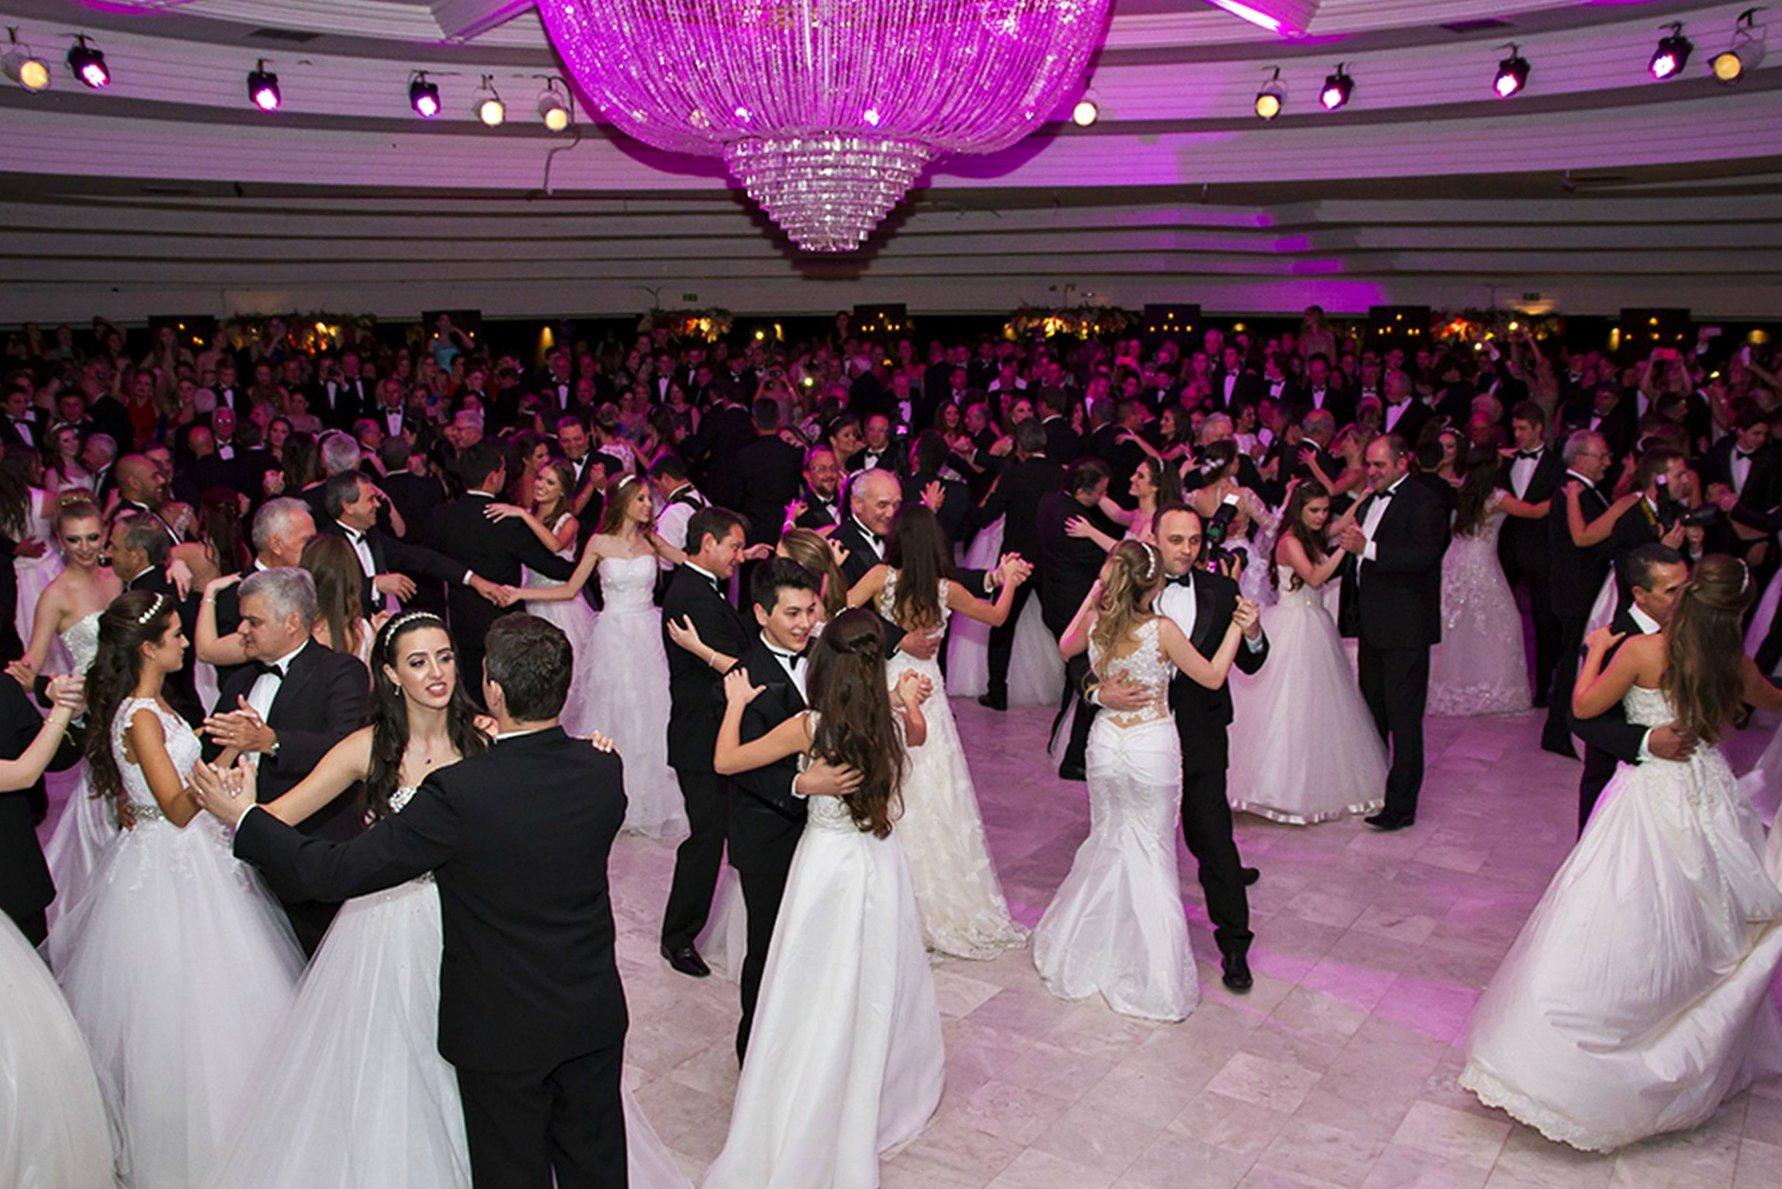 baile debutante clube curitibano amplo.jpg?resize=412,232 - Tenebroso! Você sabe qual é a origem das festas de debutantes?